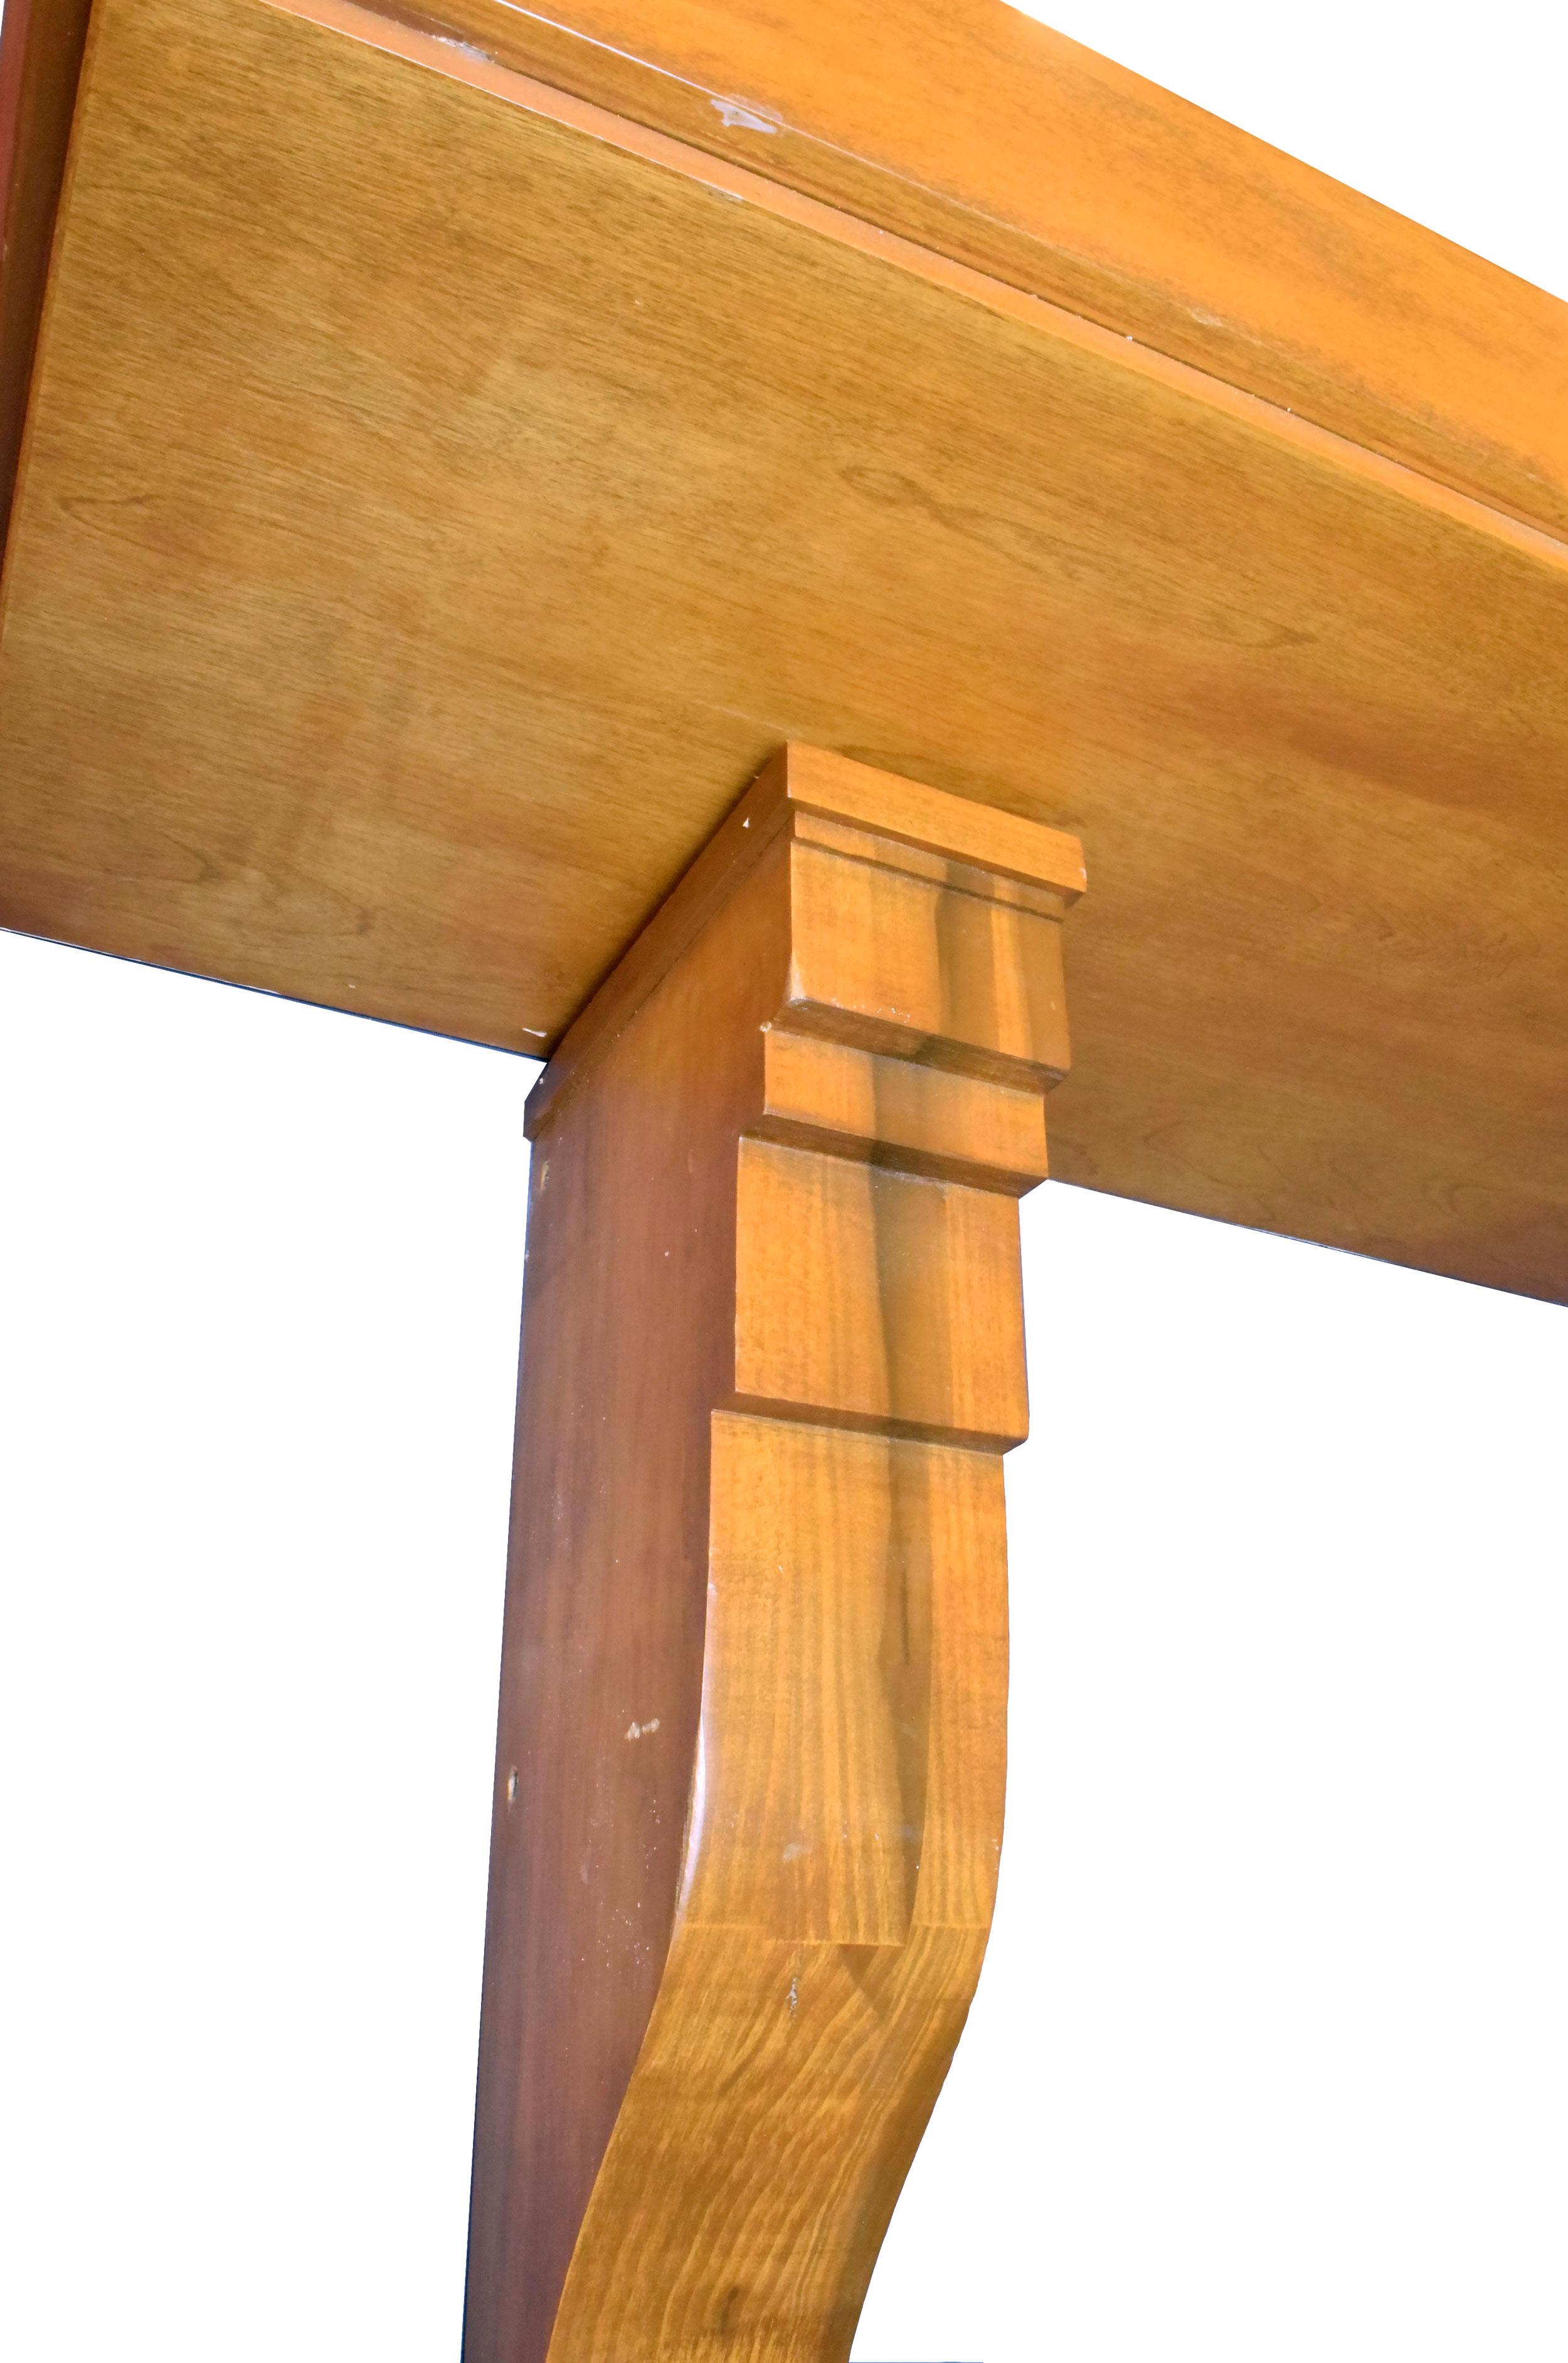 47101-large-oak-shelf-bracket-detail.jpg